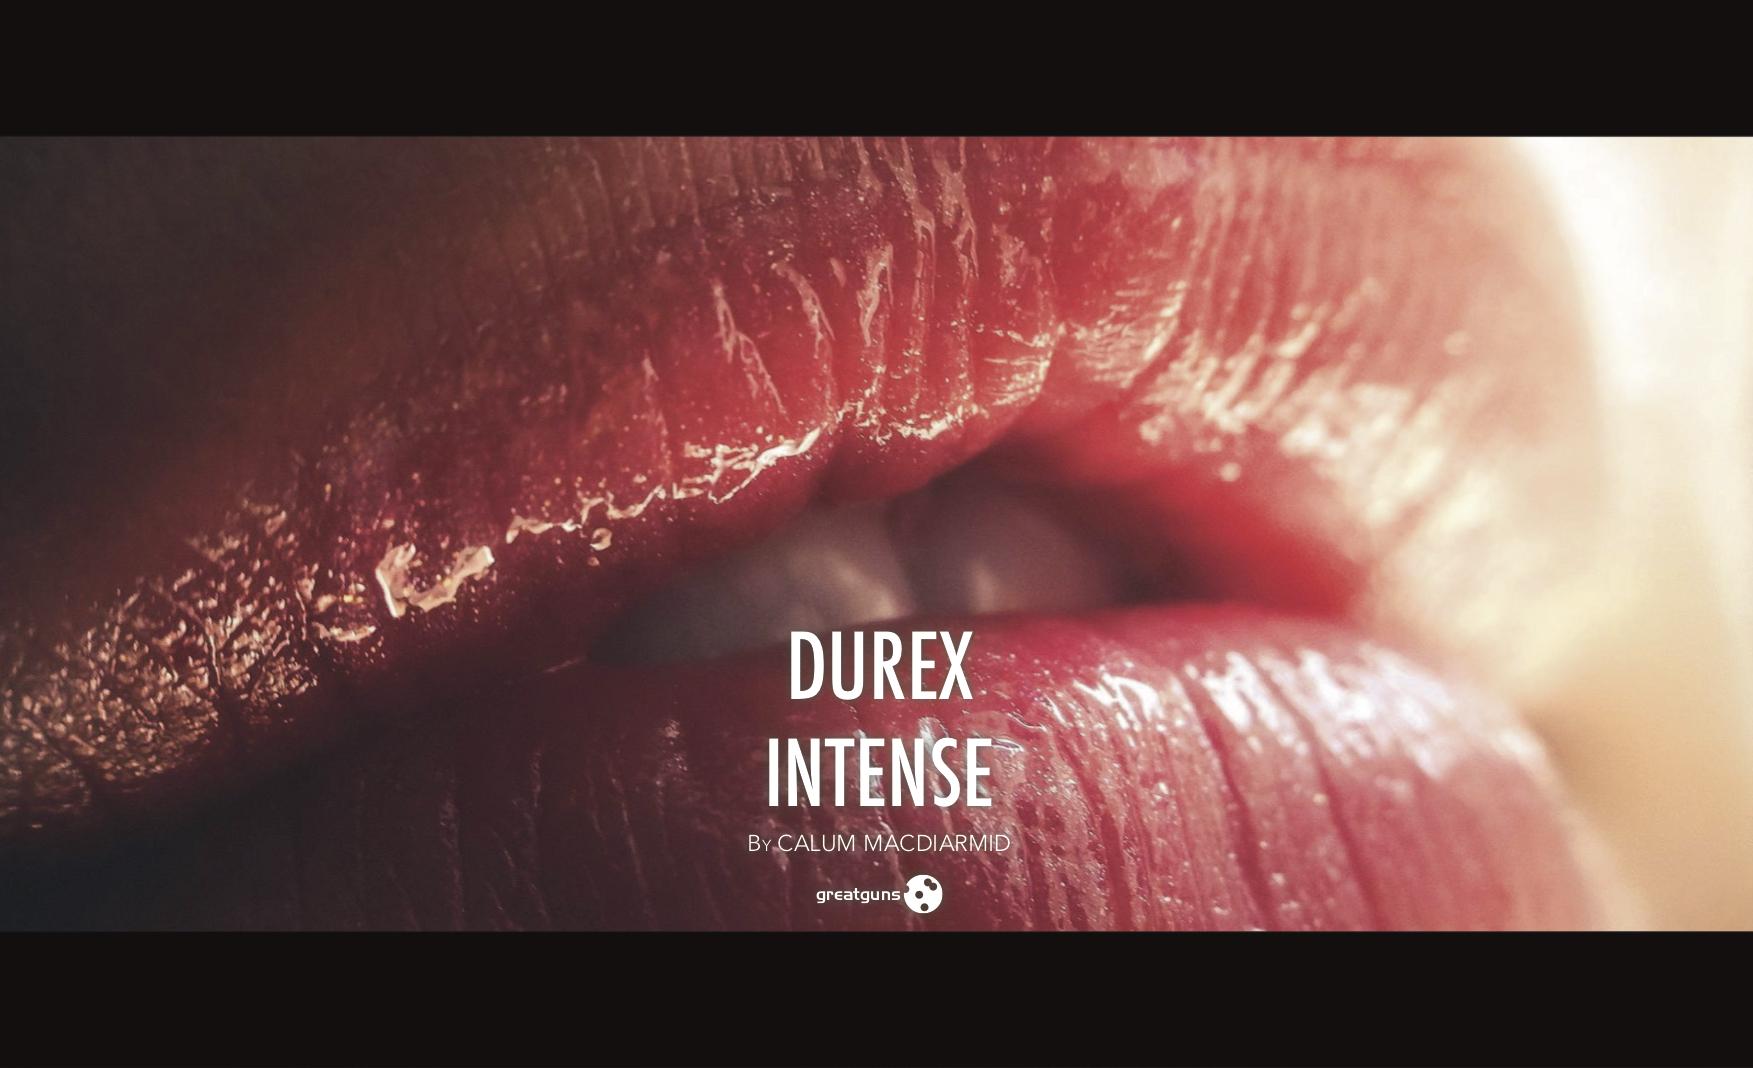 Durex Intense 15.36.34.jpg